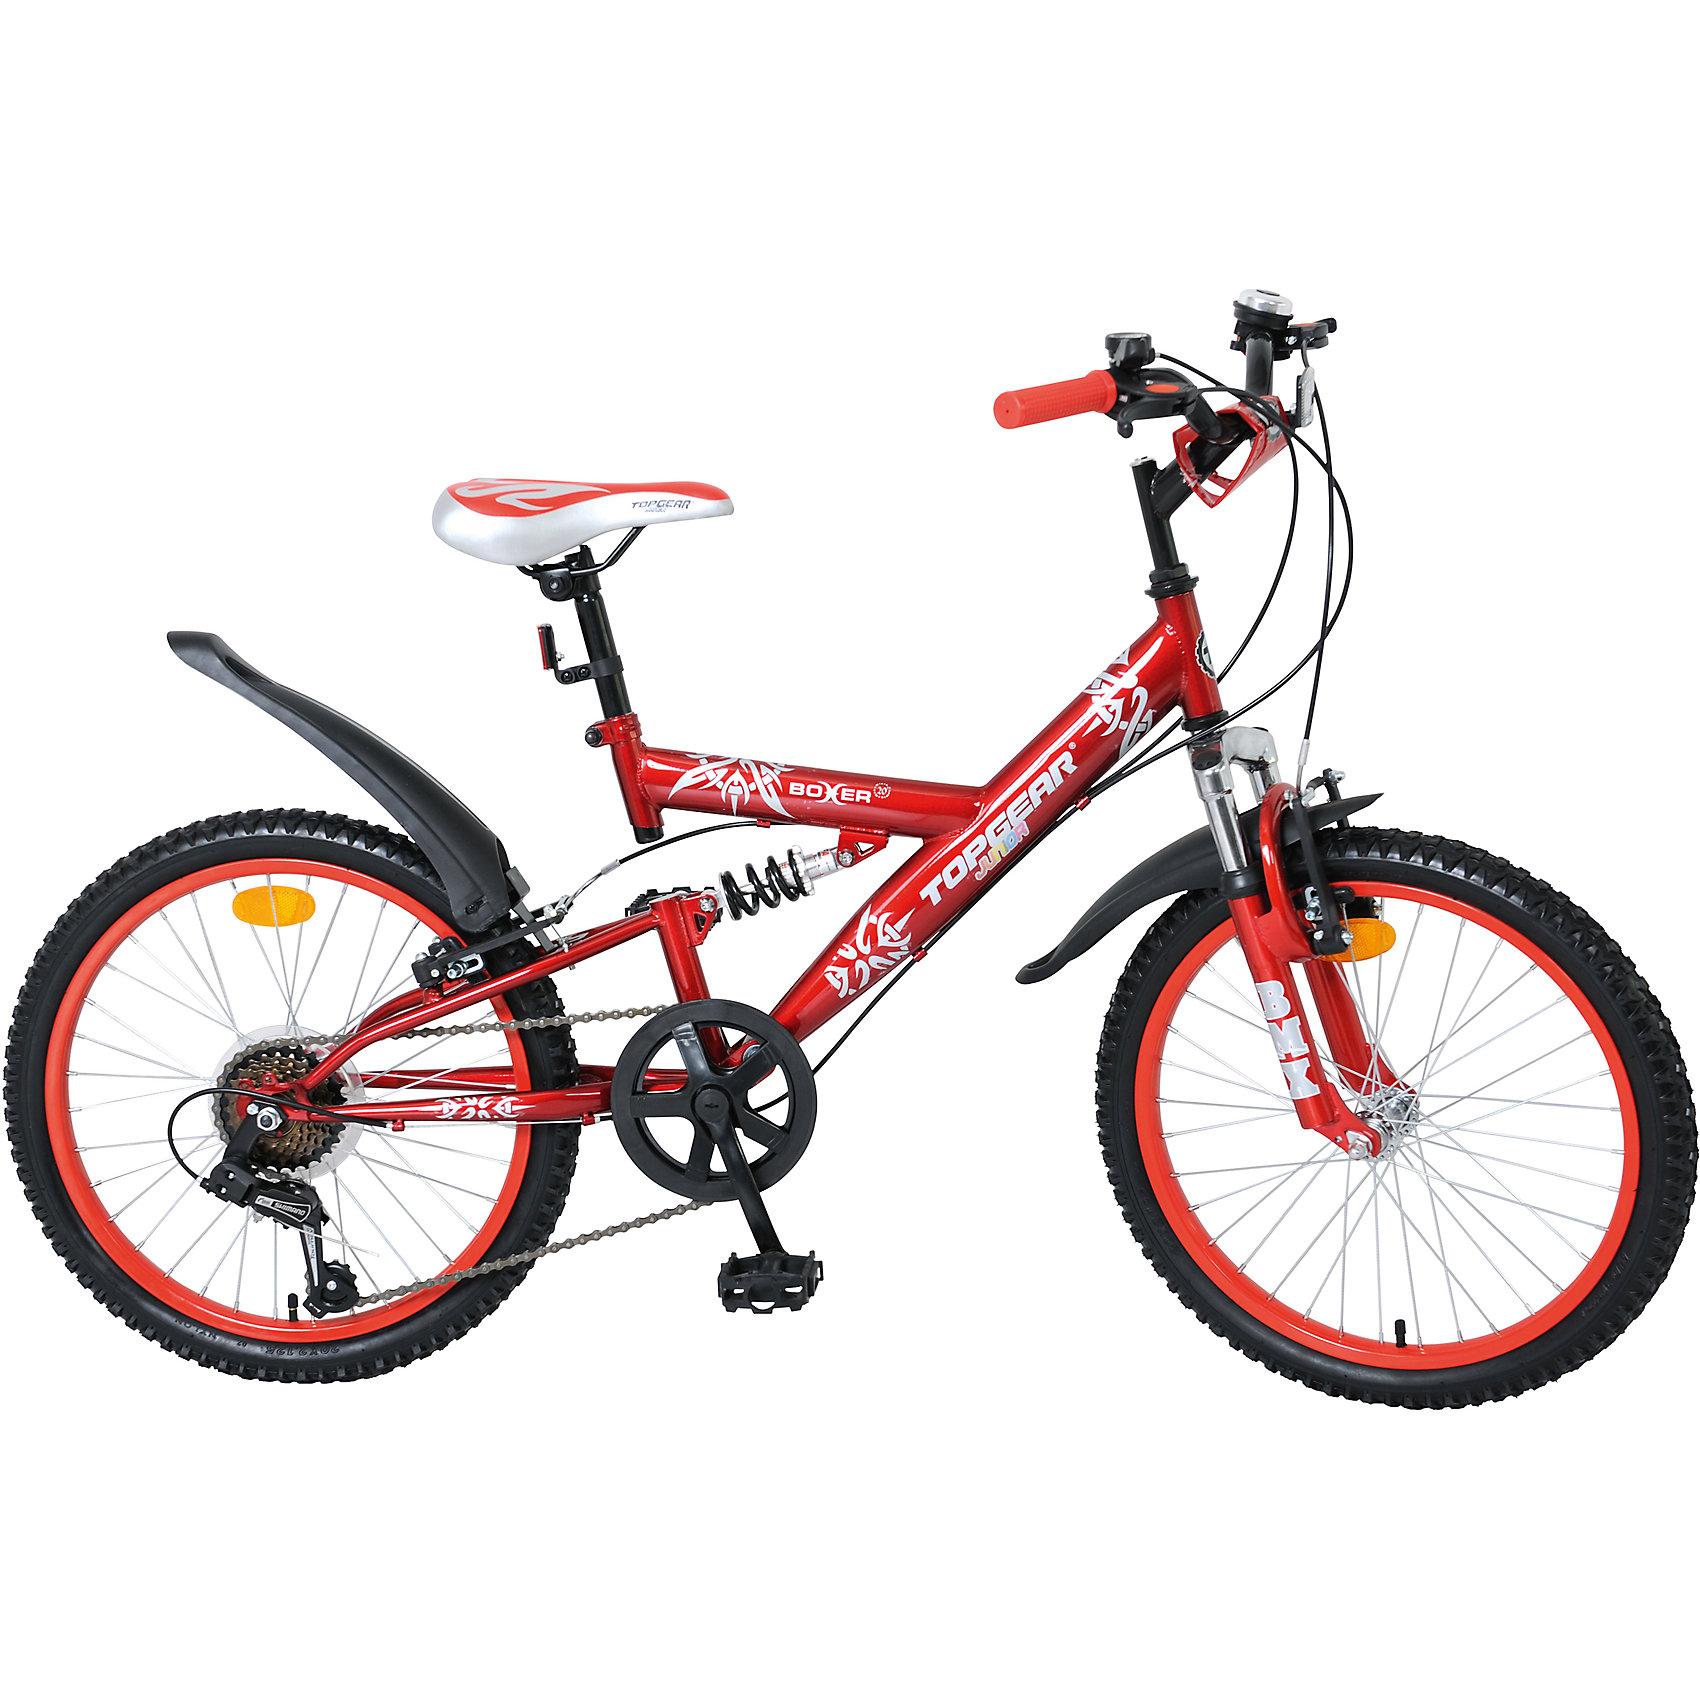 Велосипед Junior Boxer, Top GearВелосипеды детские<br>Велосипед Junior Boxer, Top Gear (Топ Гир) - это взрослое качество и характеристики в детском велосипеде!<br>Top Gear Junior - коллекция люксового сегмента, велосипеды взрослого качества и конструкции - специально для детей. Продукция Top Gear Junior обладает всеми улучшенными характеристиками Navigator, а также своими уникальными особенностями. Велосипеды выгодно выделяются, благодаря яркому цветному дизайну седла и вставок в колёса и разнообразным дополнительным аксессуарам. Велосипед Junior Boxer имеет жесткую двухподвесную стальную раму, еврокаретку, 6 скоростных режимов, которые плавно переключаются, тормозную систему V-brake, изогнутый руль с возможностью регулировки по высоте. Модель комплектуется функциональными крыльями, которые удачно дополняют дизайн, звонком, накладкой на руль. Надежный и функциональный велосипед Junior Boxer одинаково подойдет и для прогулок по городу, и для езды по пересеченной местности.<br><br>Дополнительная информация:<br><br>- Велосипед предназначен для детей от 7 до 14 лет<br>- Подходит для детей ростом 120 - 145 см<br>- Тип велосипеда: горный<br>- Модель универсальна, предназначена для девочек и мальчиков<br>- Диаметр колес: 20 дюймов<br>- Размер рамы: 14 дюймов<br>- Двойной обод из алюминия<br>- Система переключения передач Shimano<br>- Цвет: красный, серебристый<br>- Материал рамы: сталь<br>- Материал руля: сталь<br>- Вес в упаковке: 15,3 кг.<br><br>Велосипед Junior Boxer, Top Gear (Топ Гир) можно купить в нашем интернет-магазине.<br><br>Ширина мм: 1110<br>Глубина мм: 180<br>Высота мм: 520<br>Вес г: 15300<br>Возраст от месяцев: 84<br>Возраст до месяцев: 144<br>Пол: Унисекс<br>Возраст: Детский<br>SKU: 4655141